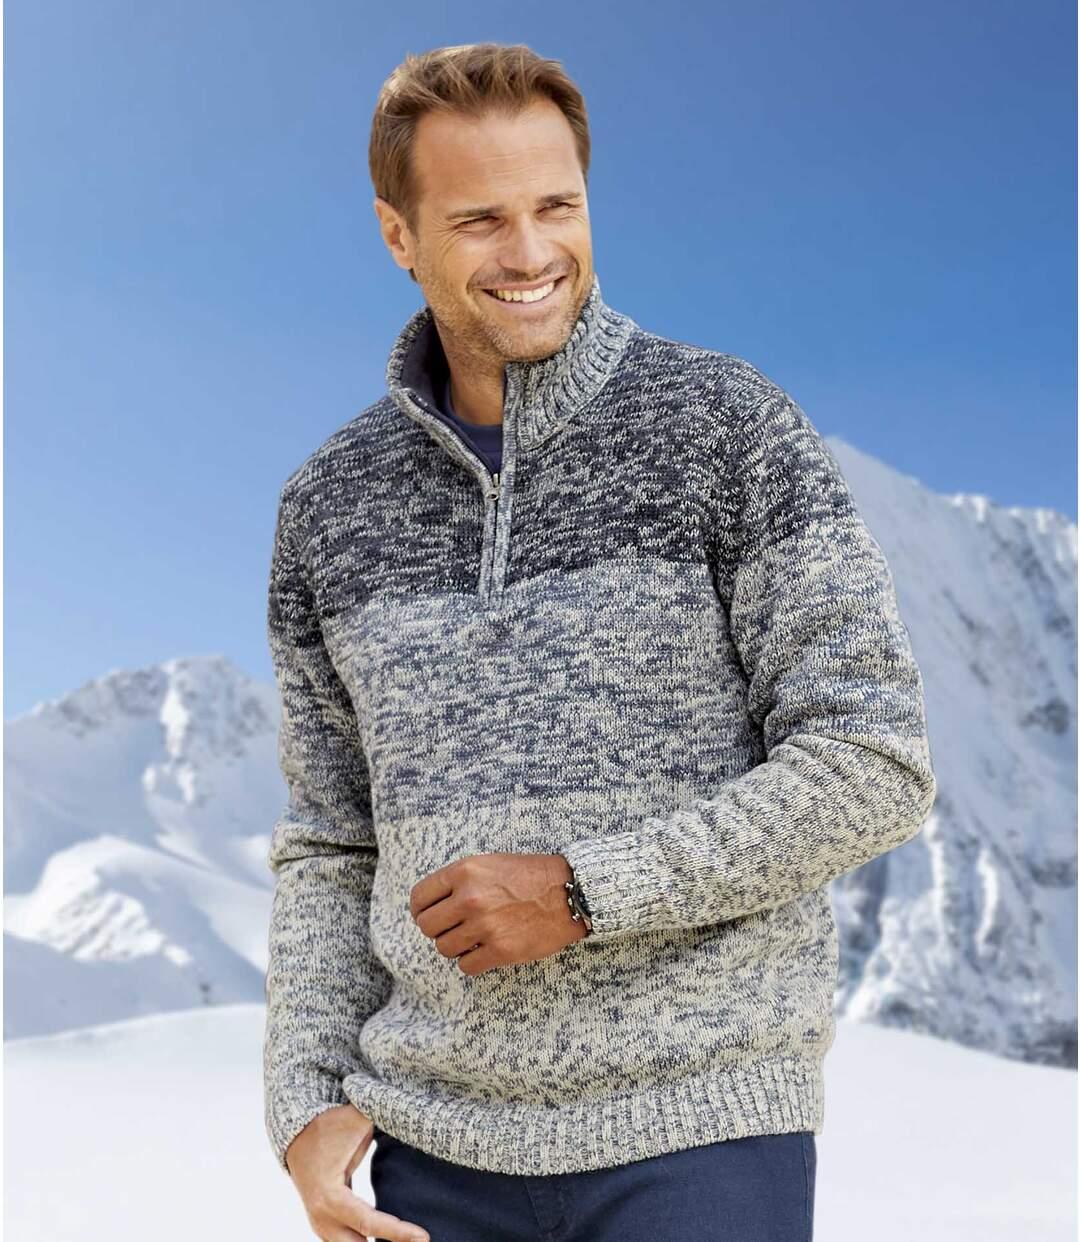 Melírovaný pulovr se zipovým zapínáním ukrku